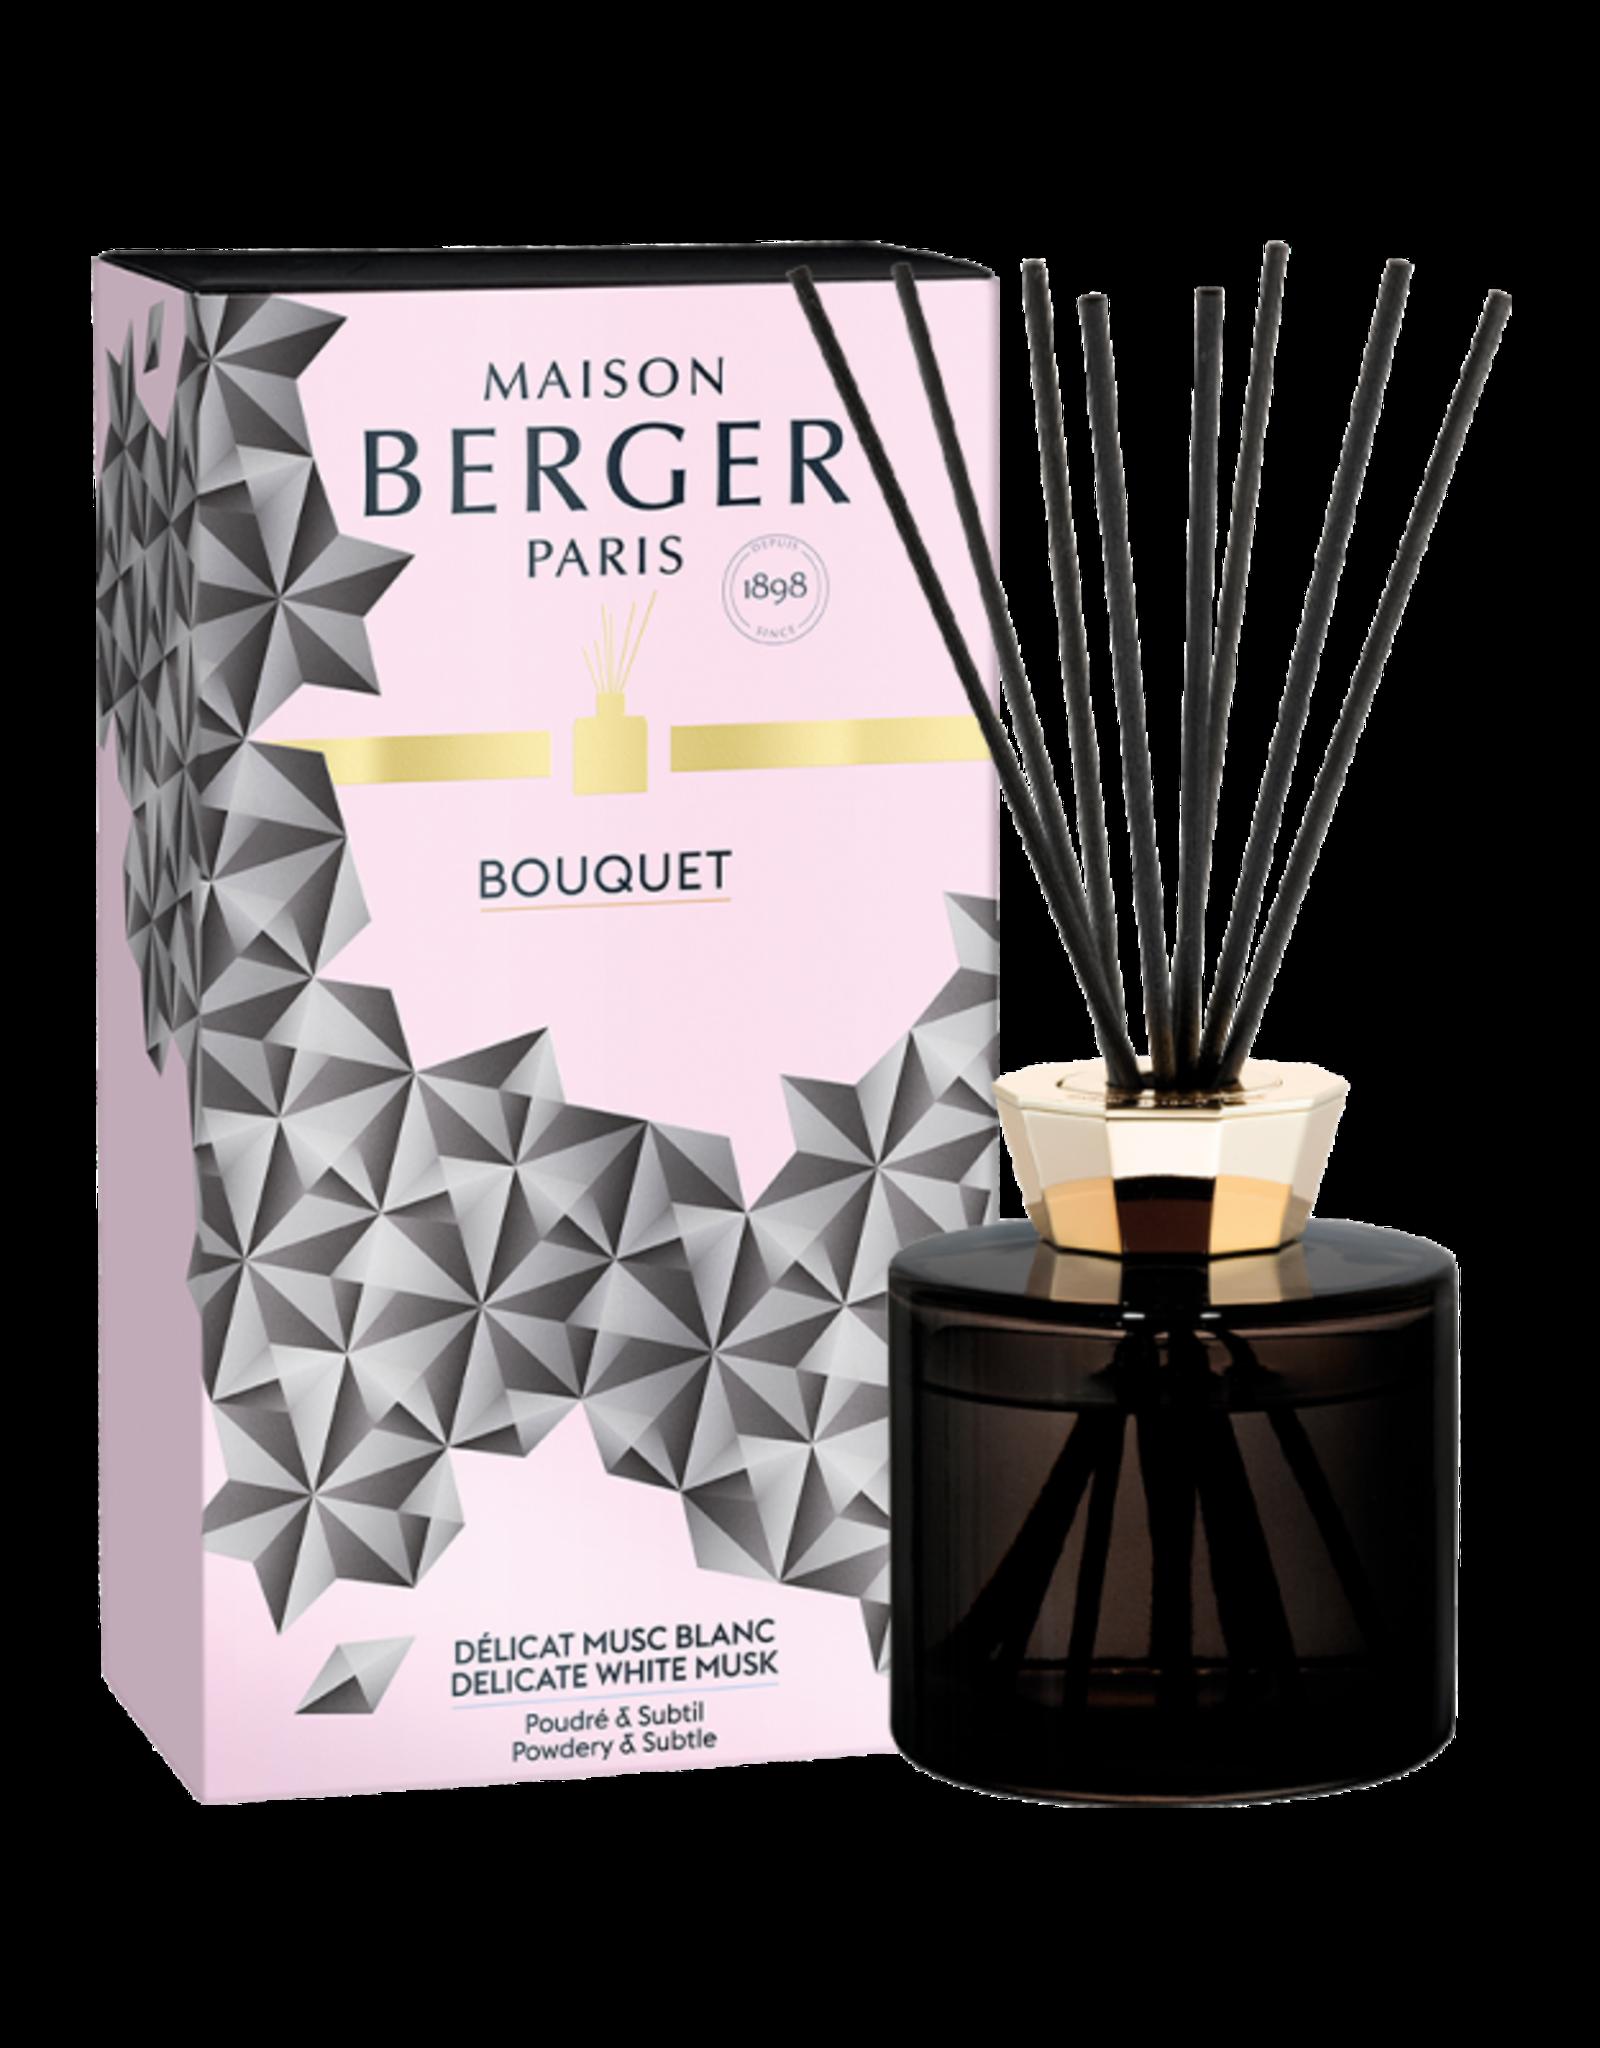 MAISON BERGER MAISON BERGER 6507 BOUQUET BLACK